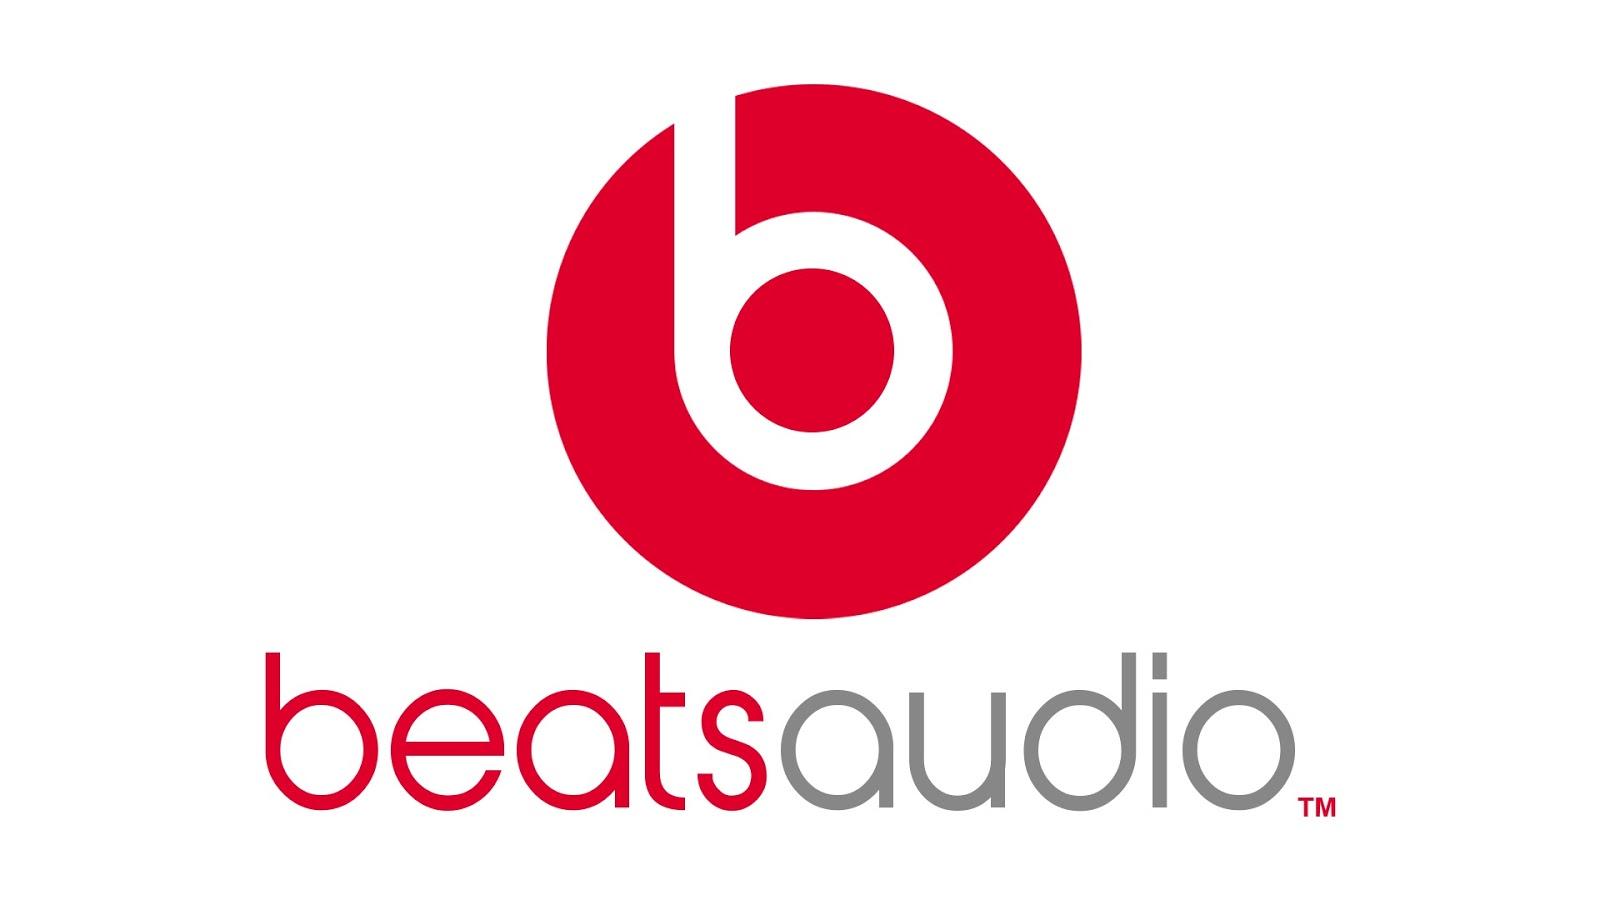 Beats Audio V5 1 Xperia Devices Xperia Helper